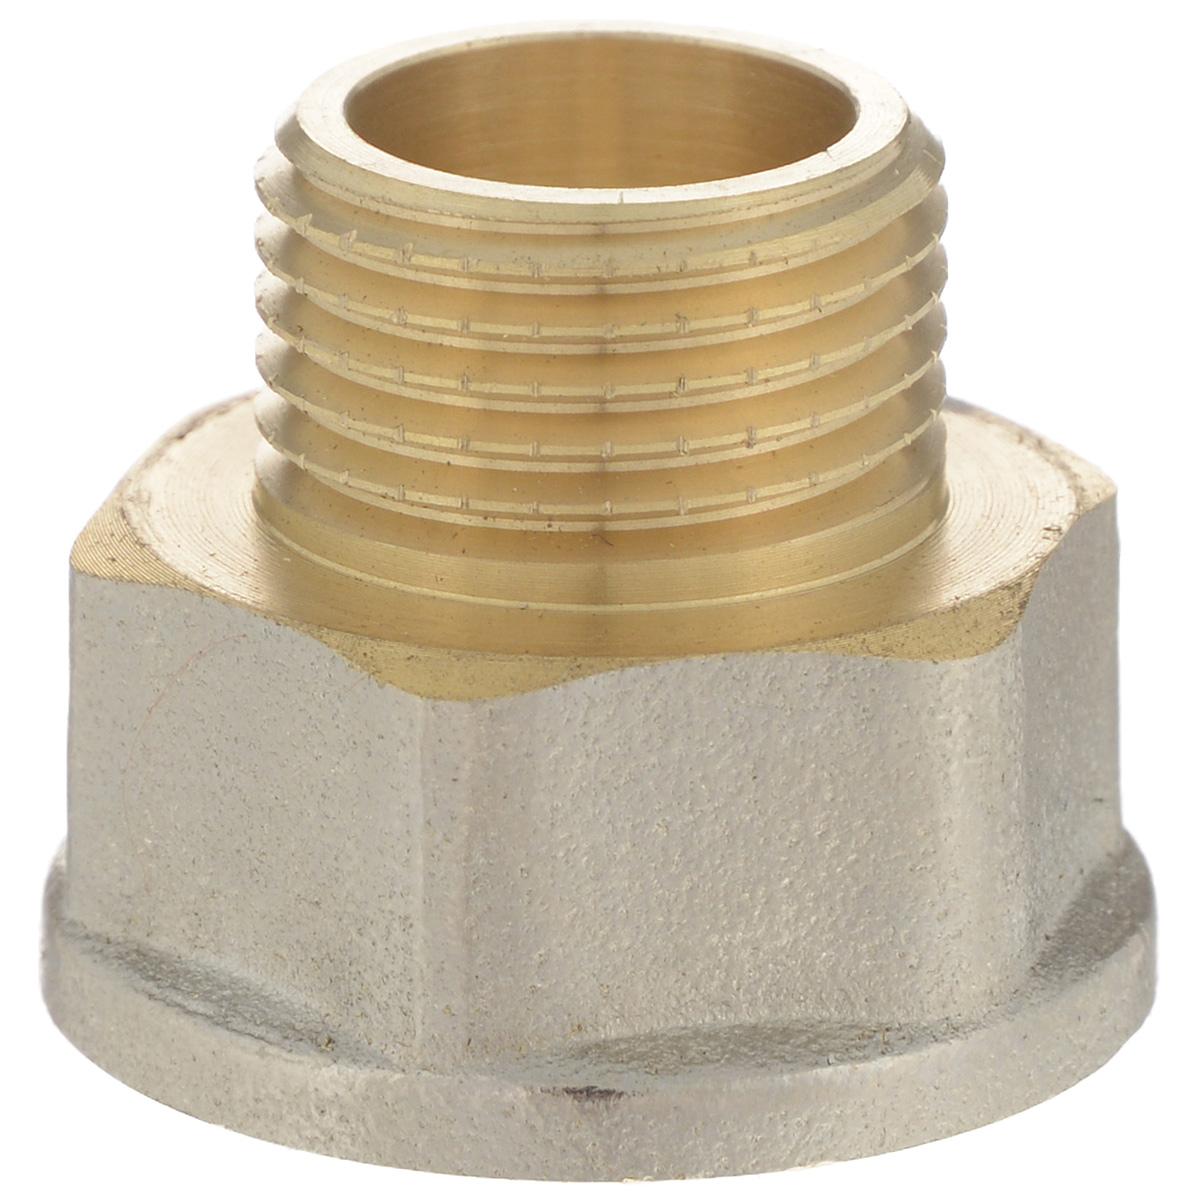 Переходник U-tec, с фаской, 3/4 х 1/268/5/4Переходник U-Tec применяется для водоснабжения и отопления. Корпус выполнен из никелированной латуни.Изделие прошло все необходимые испытания и по праву может считаться надежным.Присоединительные размеры: 3/4 x 1/2.